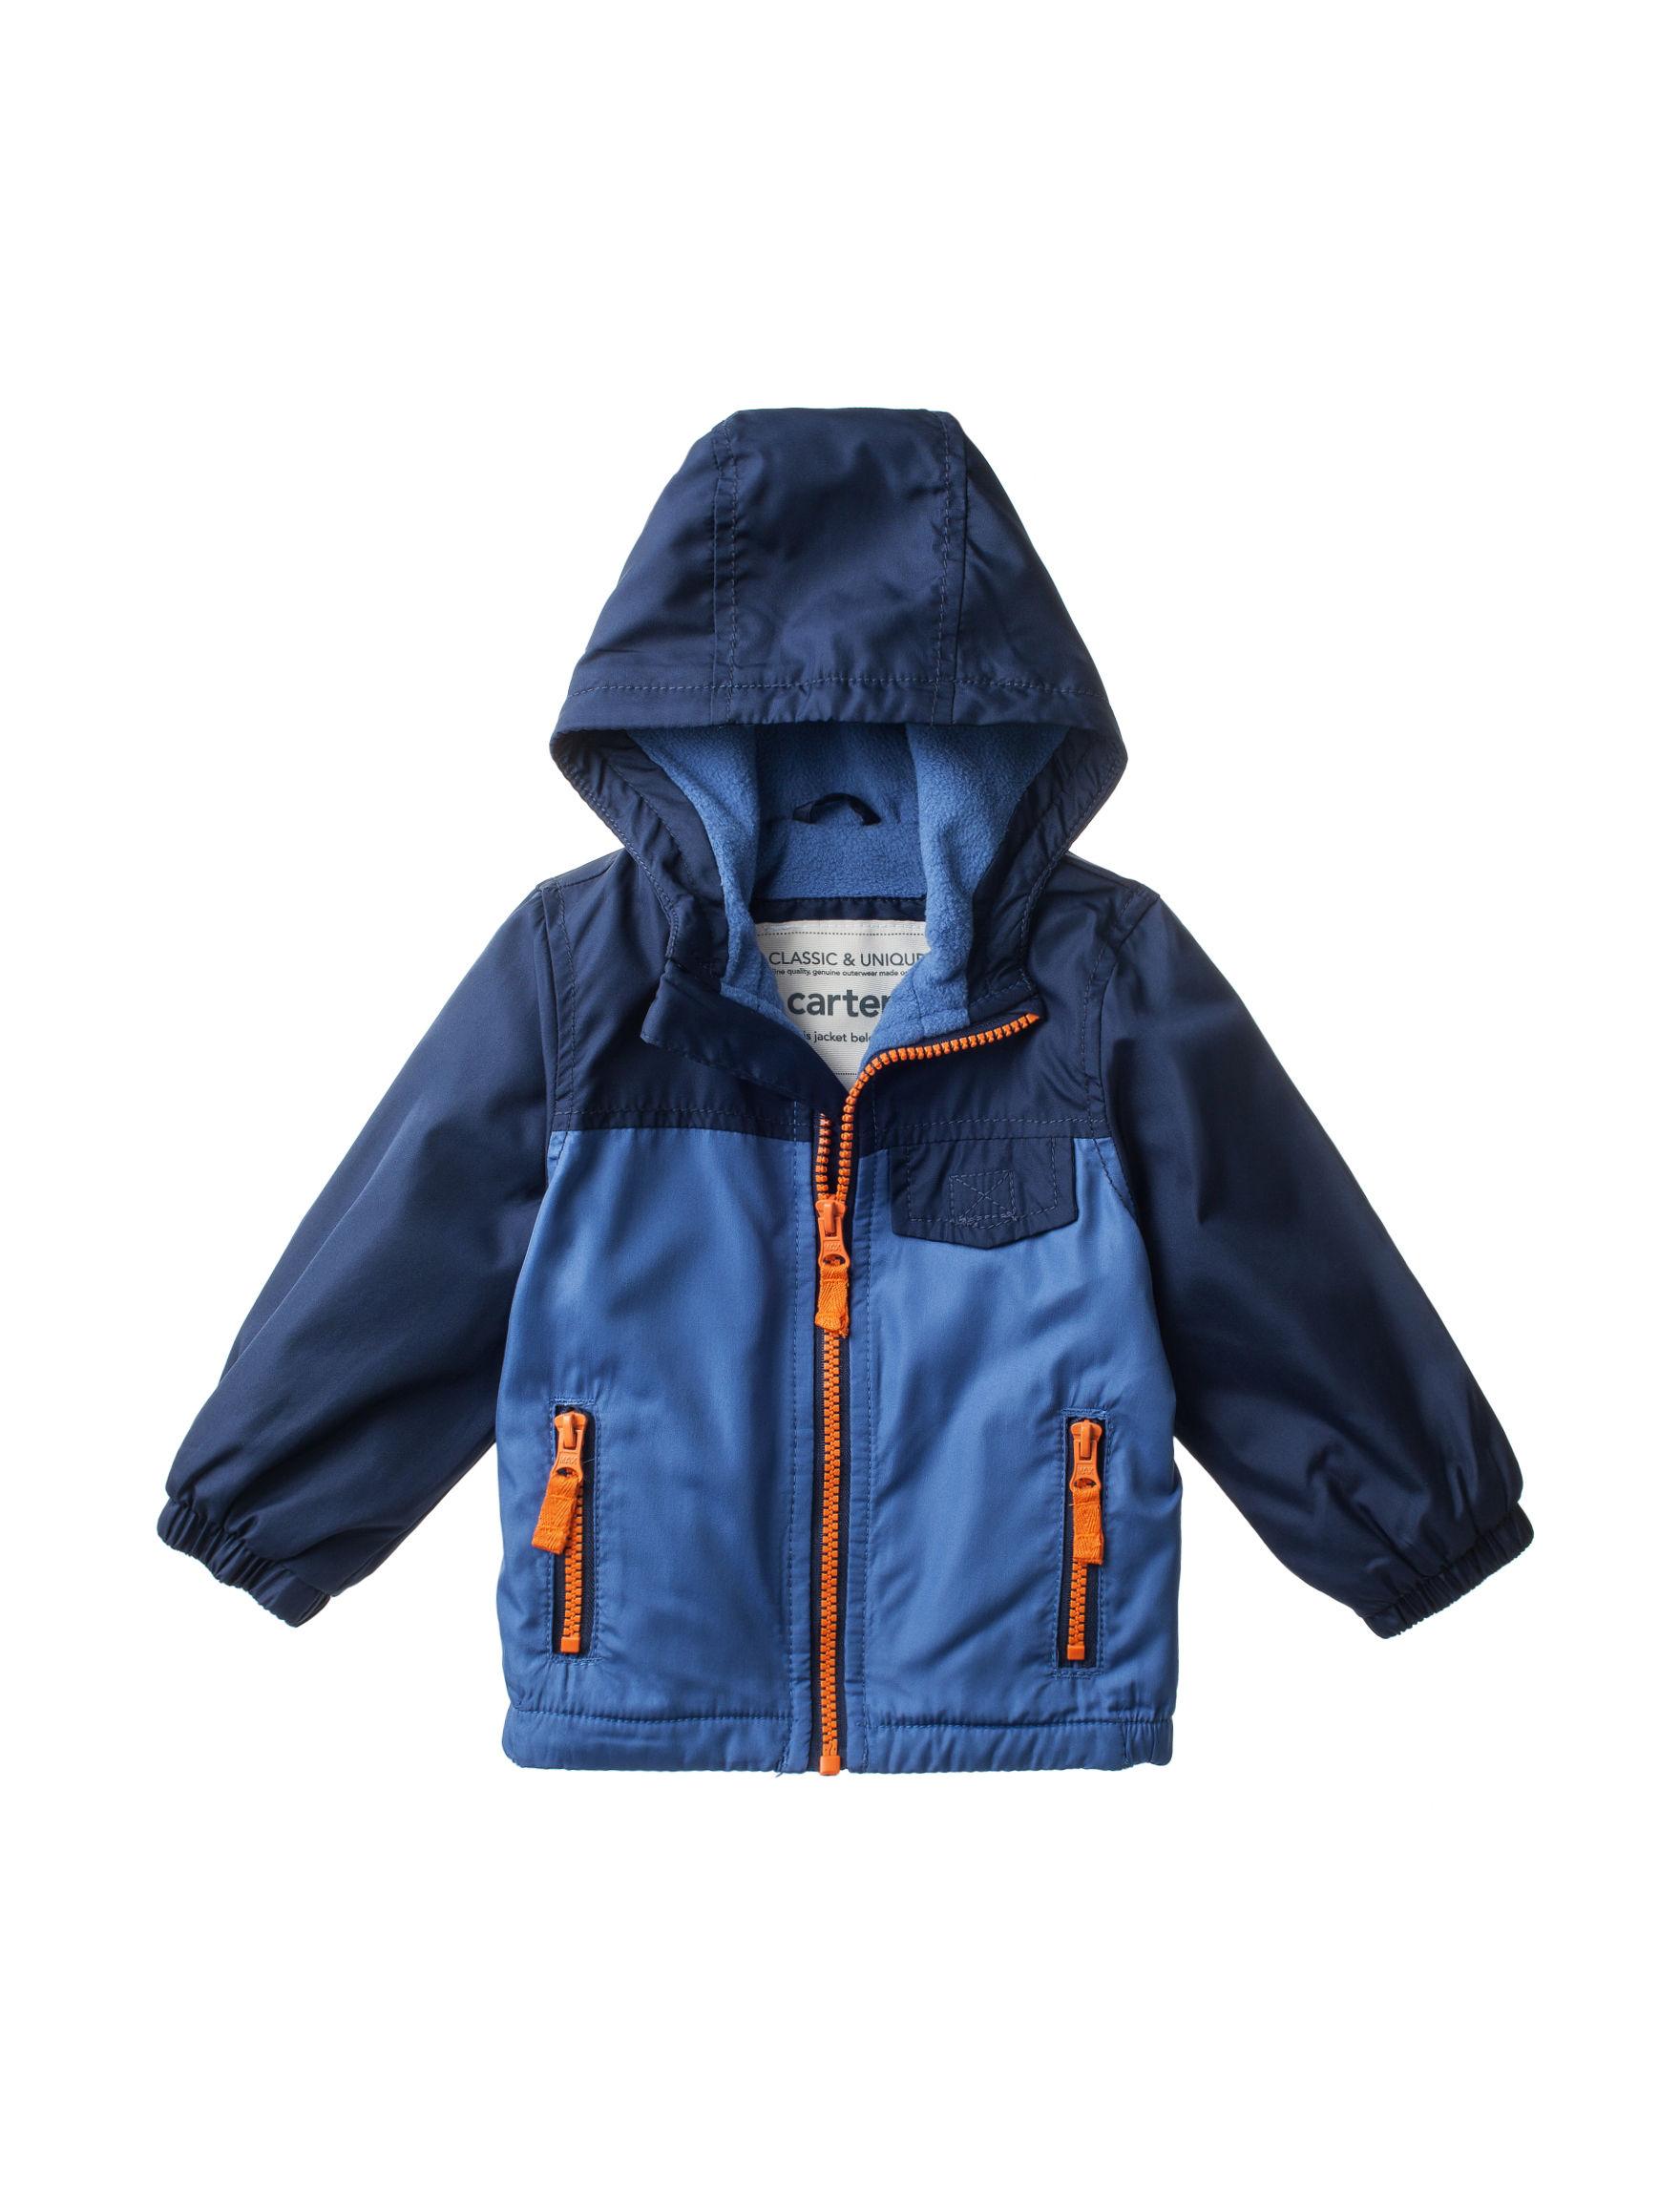 Carter's Blue Lightweight Jackets & Blazers